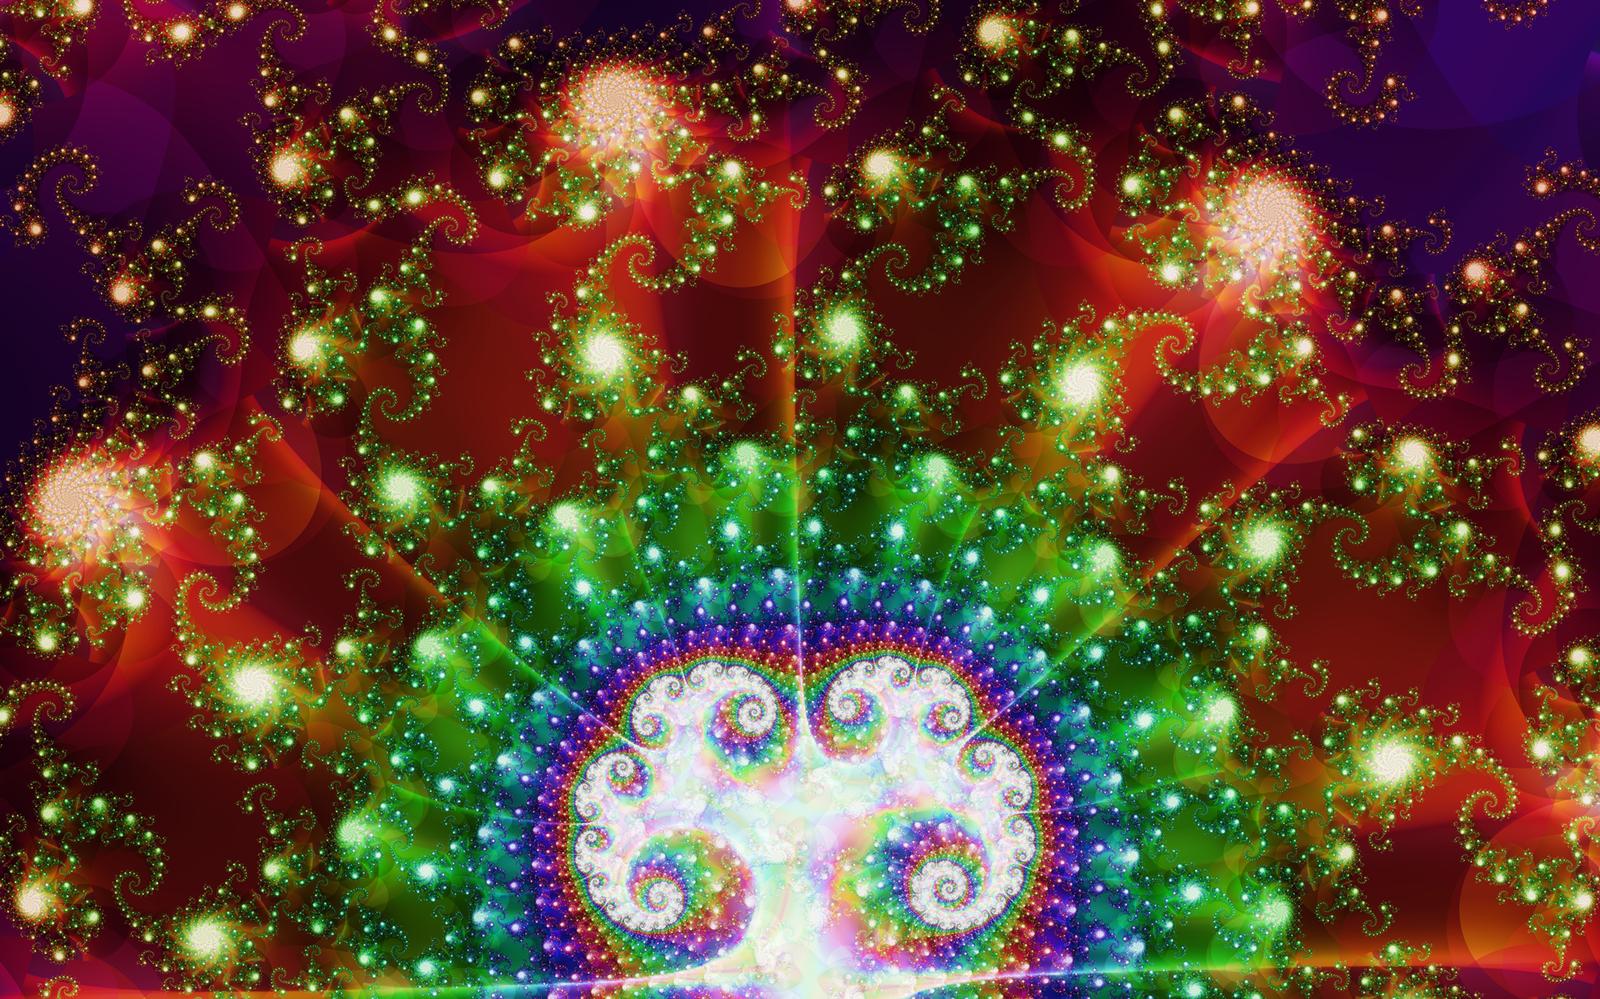 Tie-Dye Christmas Tree by UberMari0 on DeviantArt